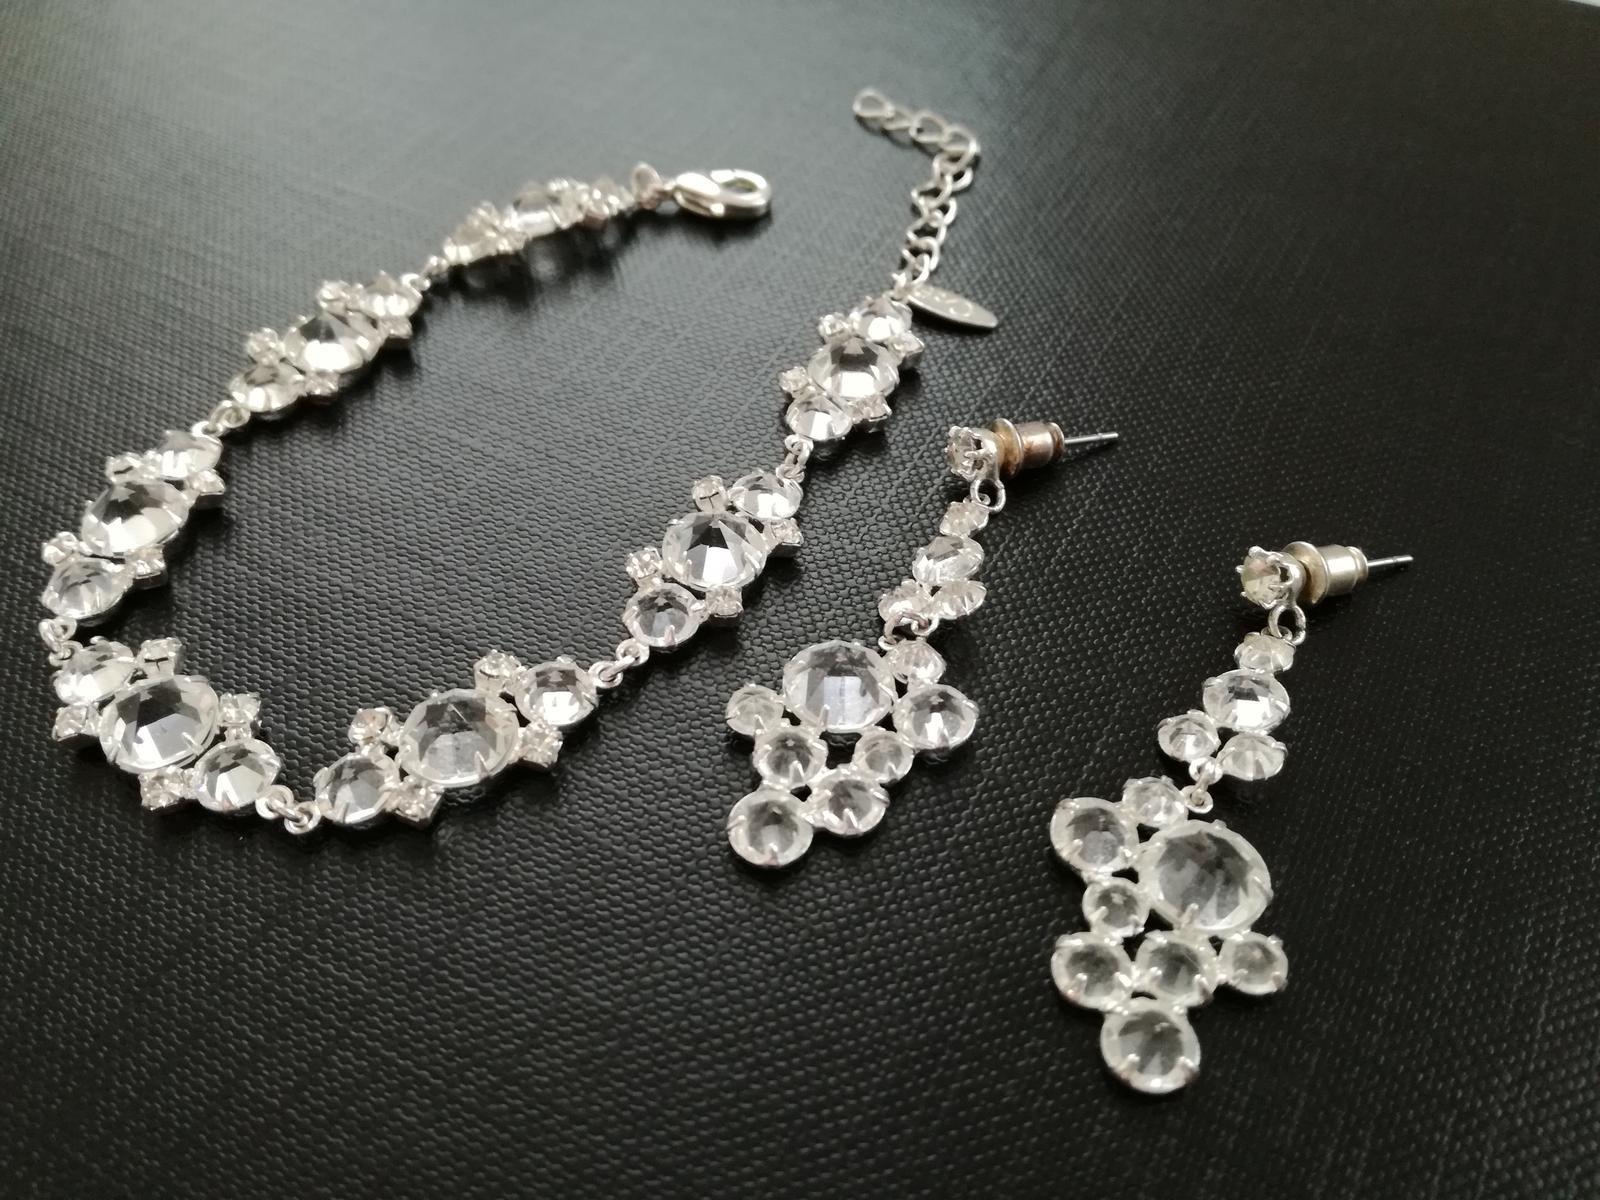 Sada šperků – náramek + náušnice - Obrázek č. 1